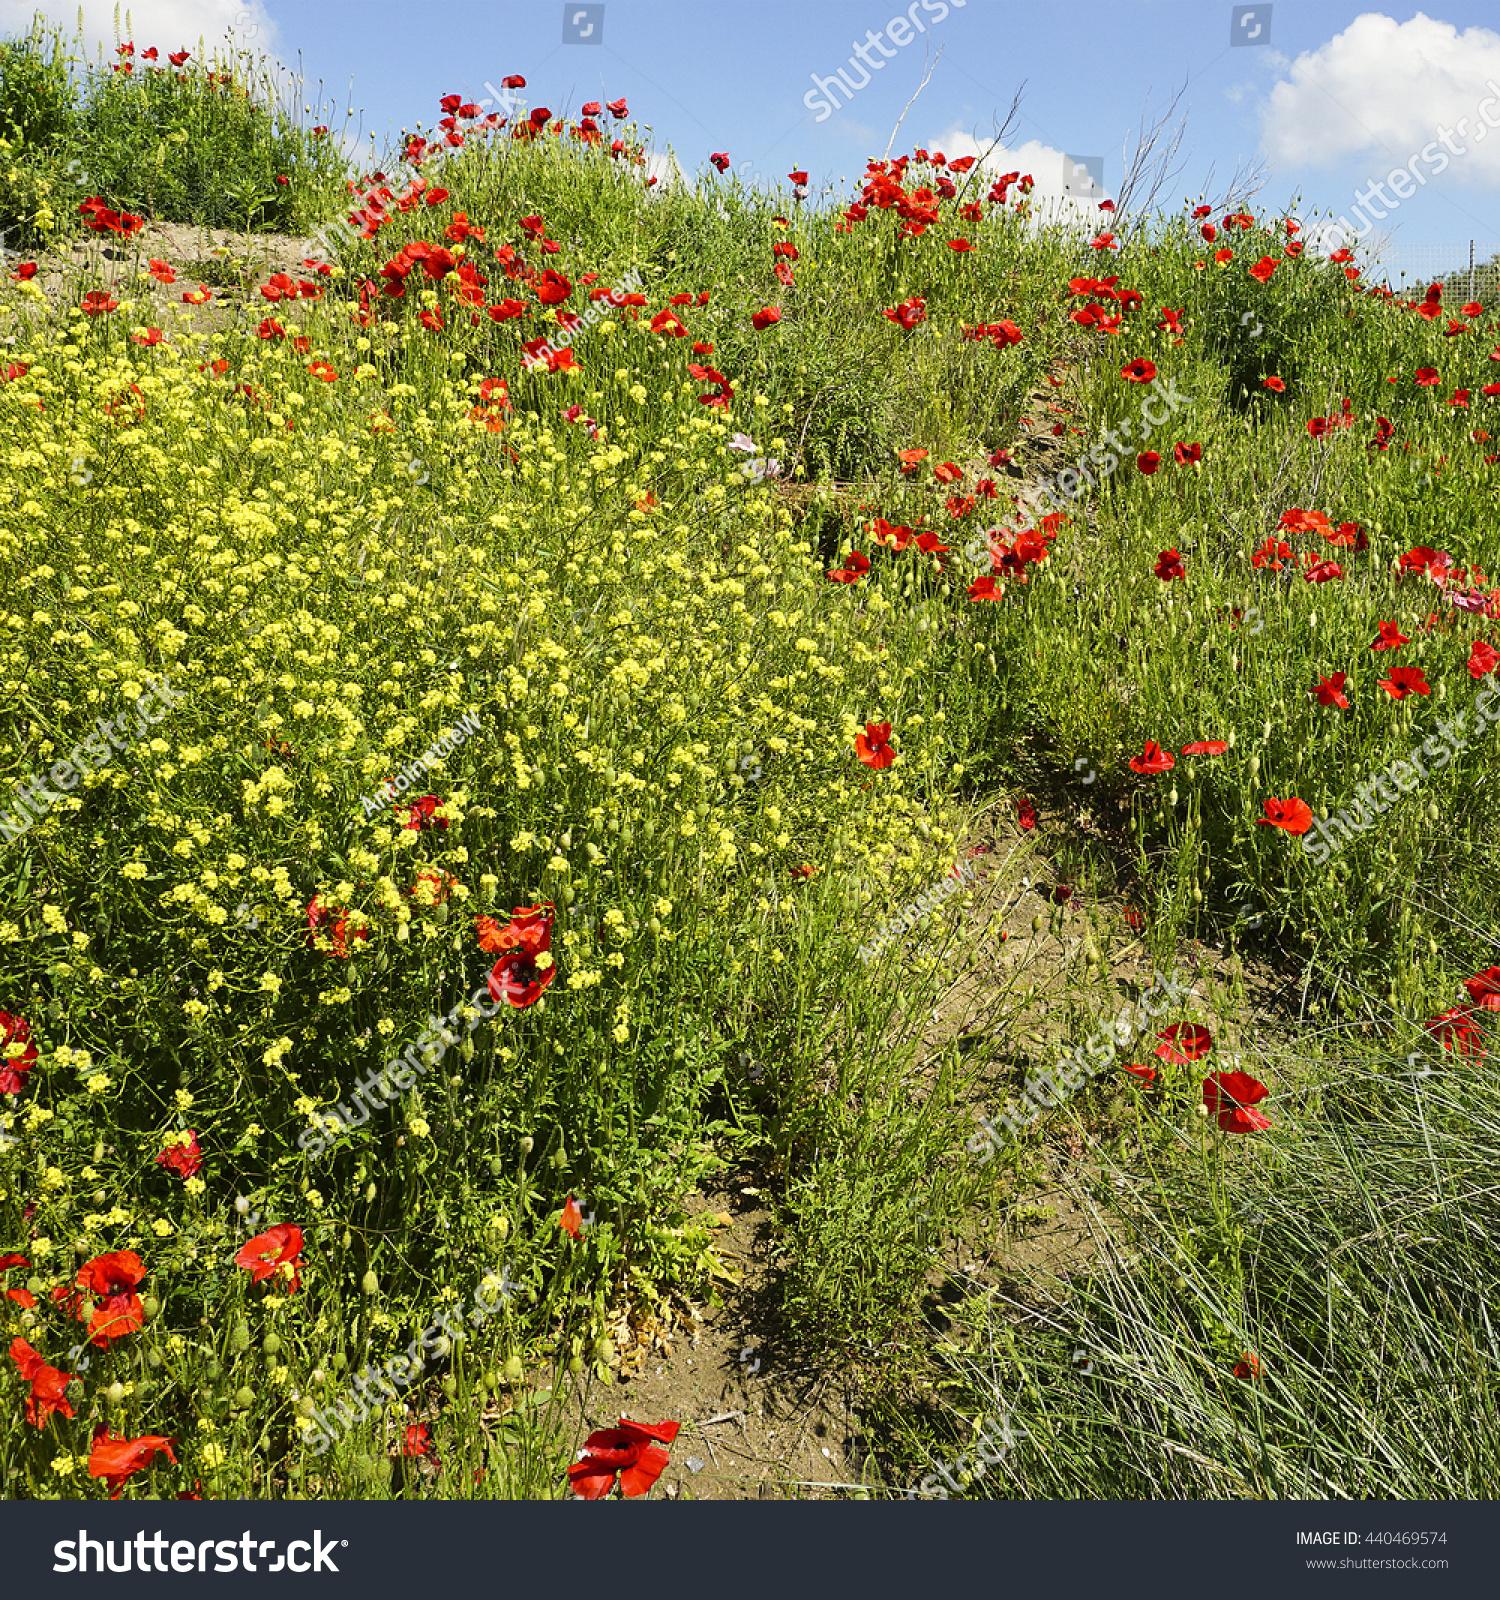 Wild flowers like poppies charlock field stock photo 440469574 wild flowers like poppies charlock field stock photo 440469574 shutterstock mightylinksfo